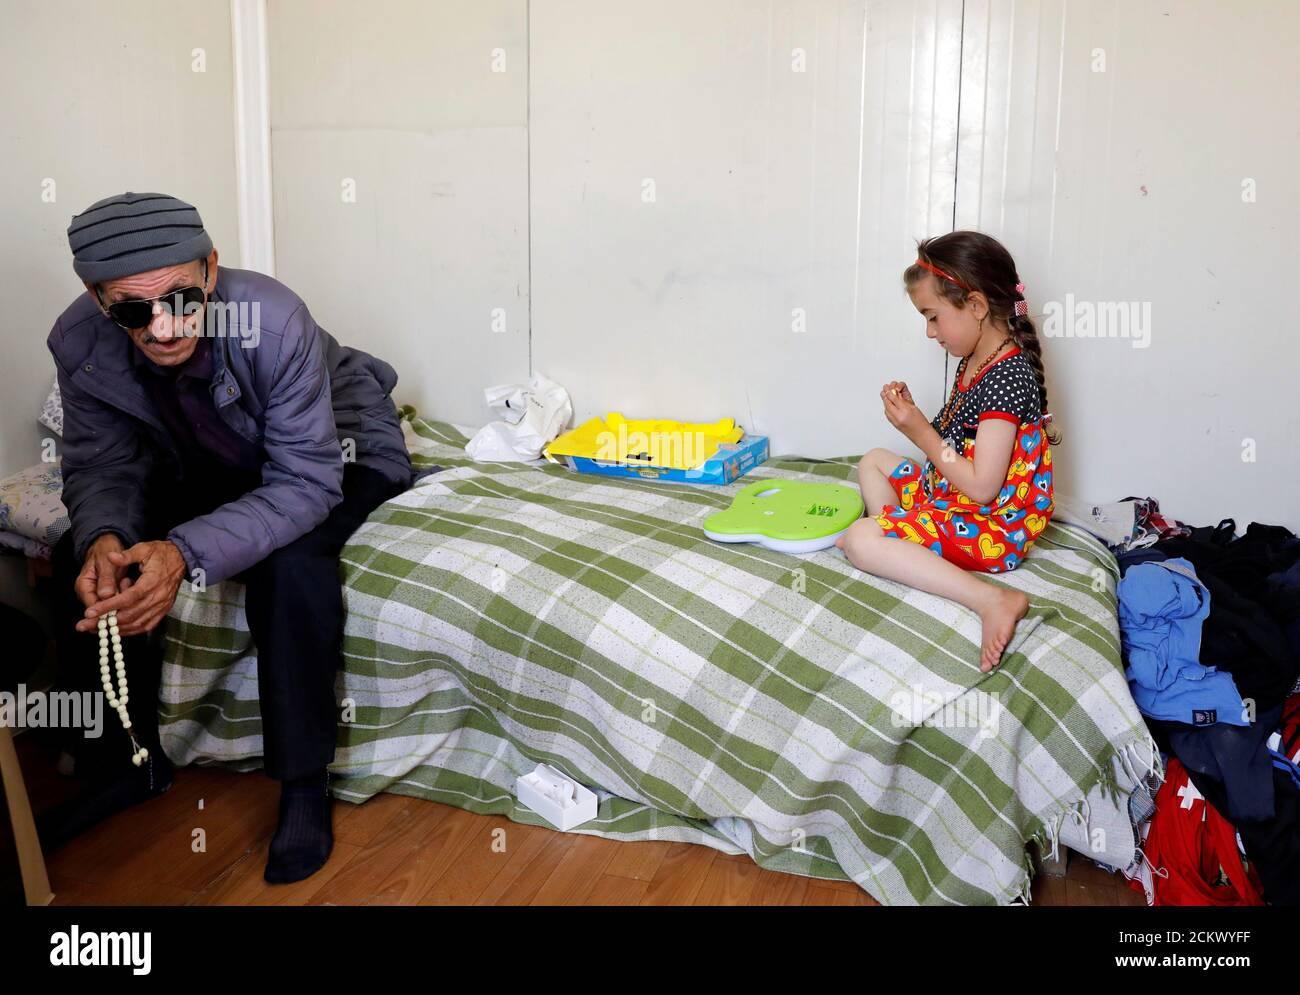 Die Irakerin Christina Ezzo Abada, drei Jahre lang Geisel islamischer Staatsaktivisten, spielt in der Nähe ihres blinden Vaters, nachdem sie am 10. Juni 2017 in einem beengten Haus in einem Flüchtlingslager in Erbil, Irak, mit ihrer Familie zusammenkam. REUTERS/Erik De Castro Stockfoto